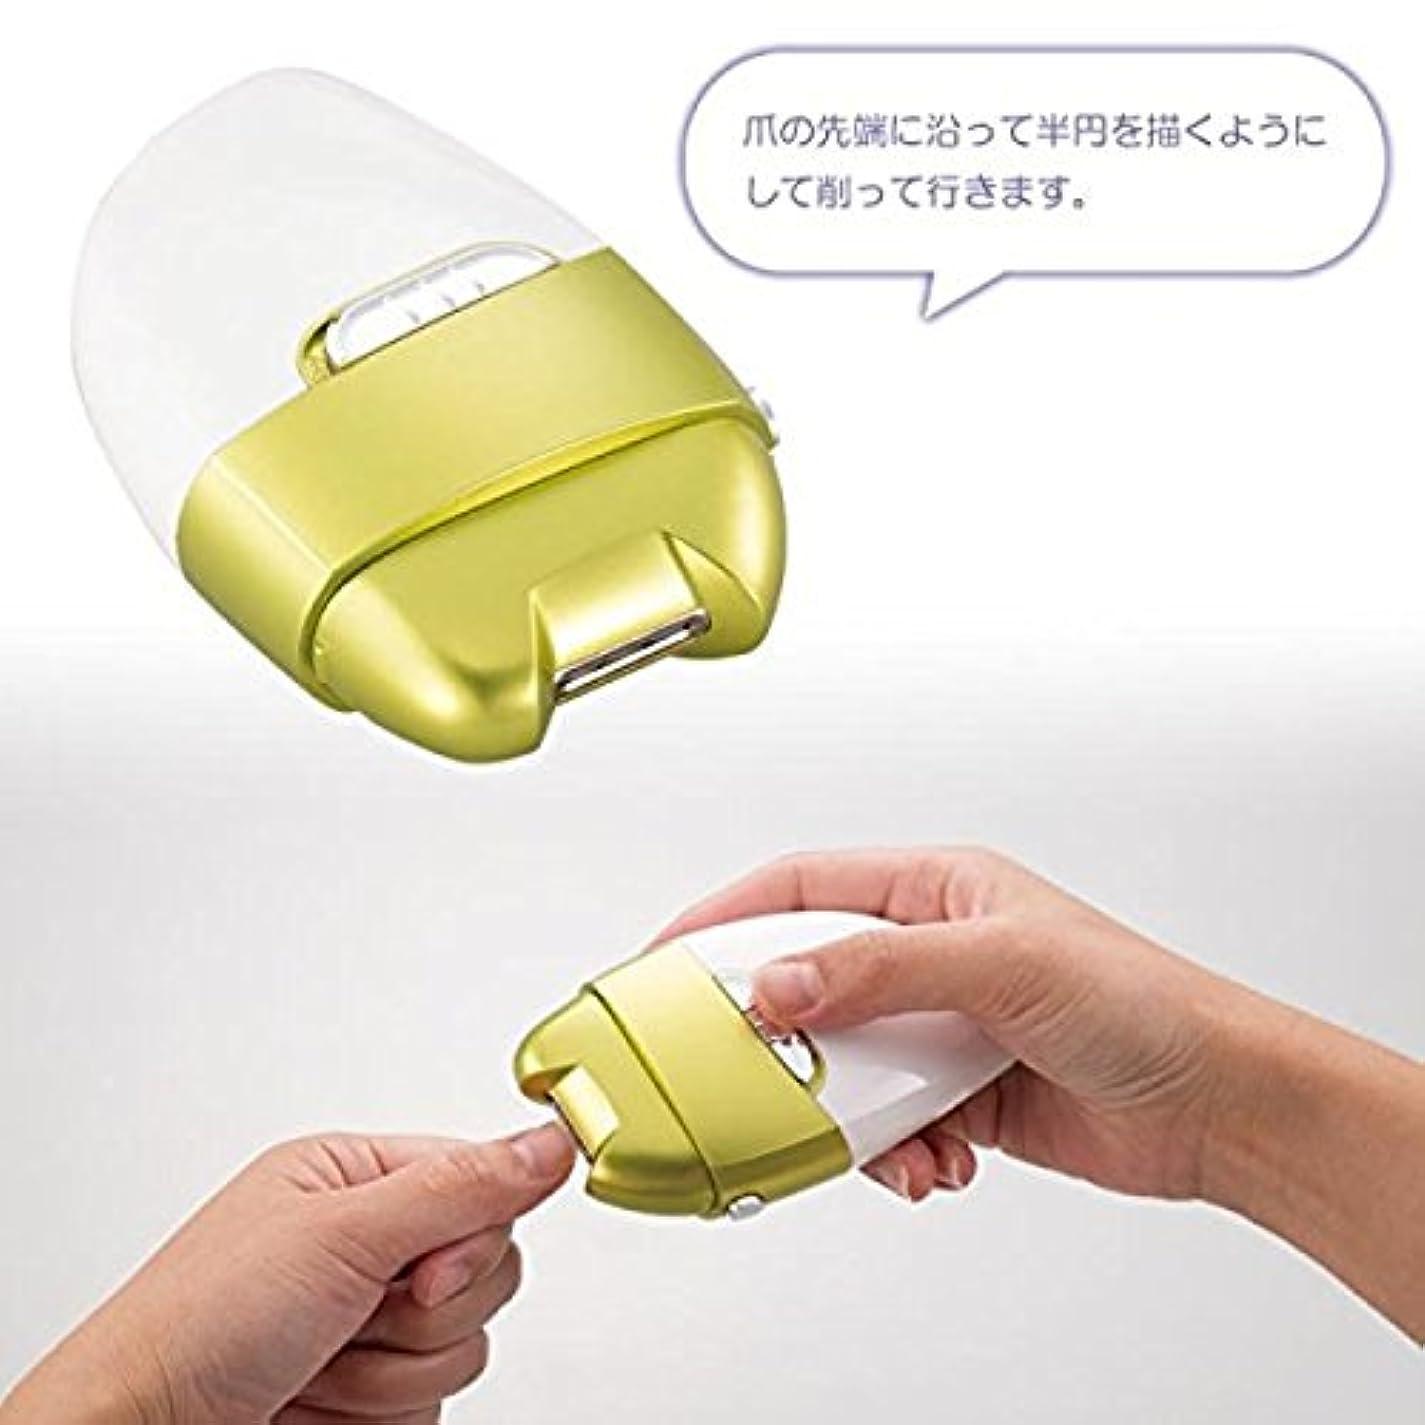 大臣危険な間接的電動爪削り Leaf dS-1651428